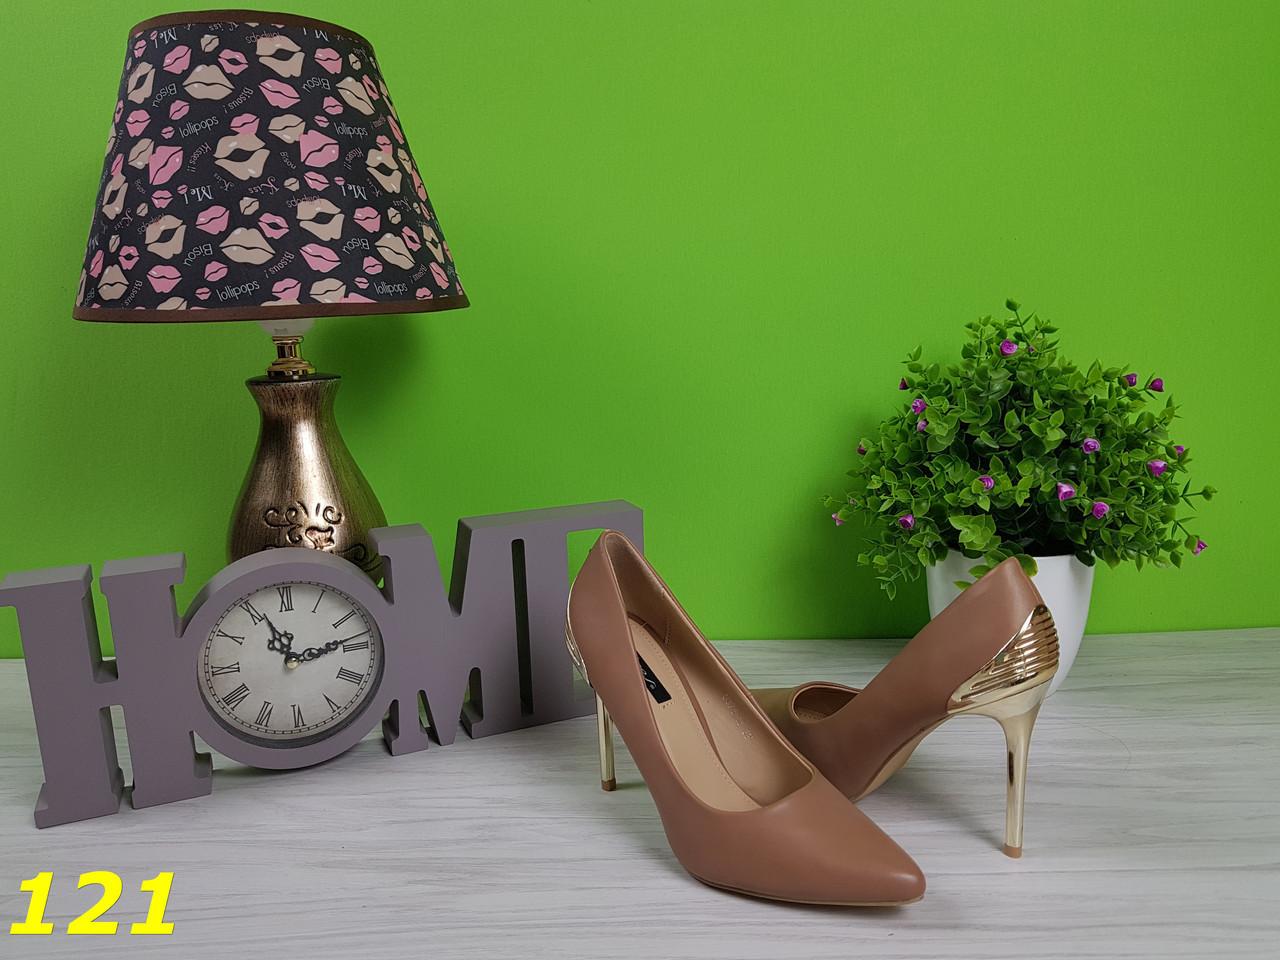 37 р. Туфли женские коричневые на шпильке, на высоком каблуке, классические, лодочки, высокой